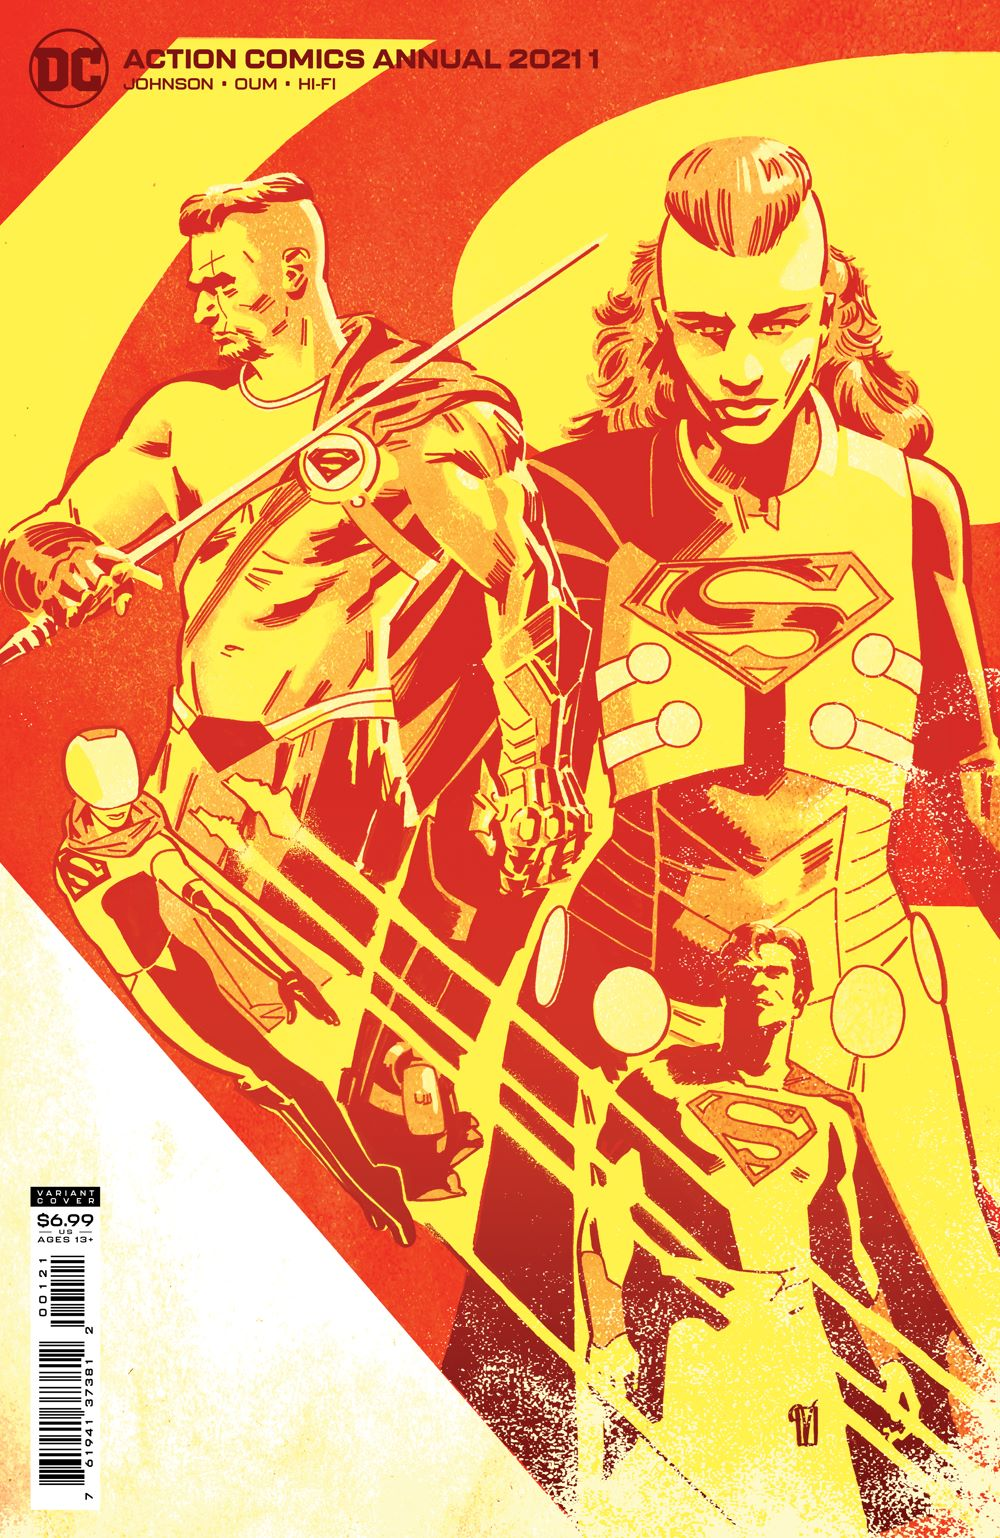 ACANN2021_Cv1_var DC Comics June 2021 Solicitations